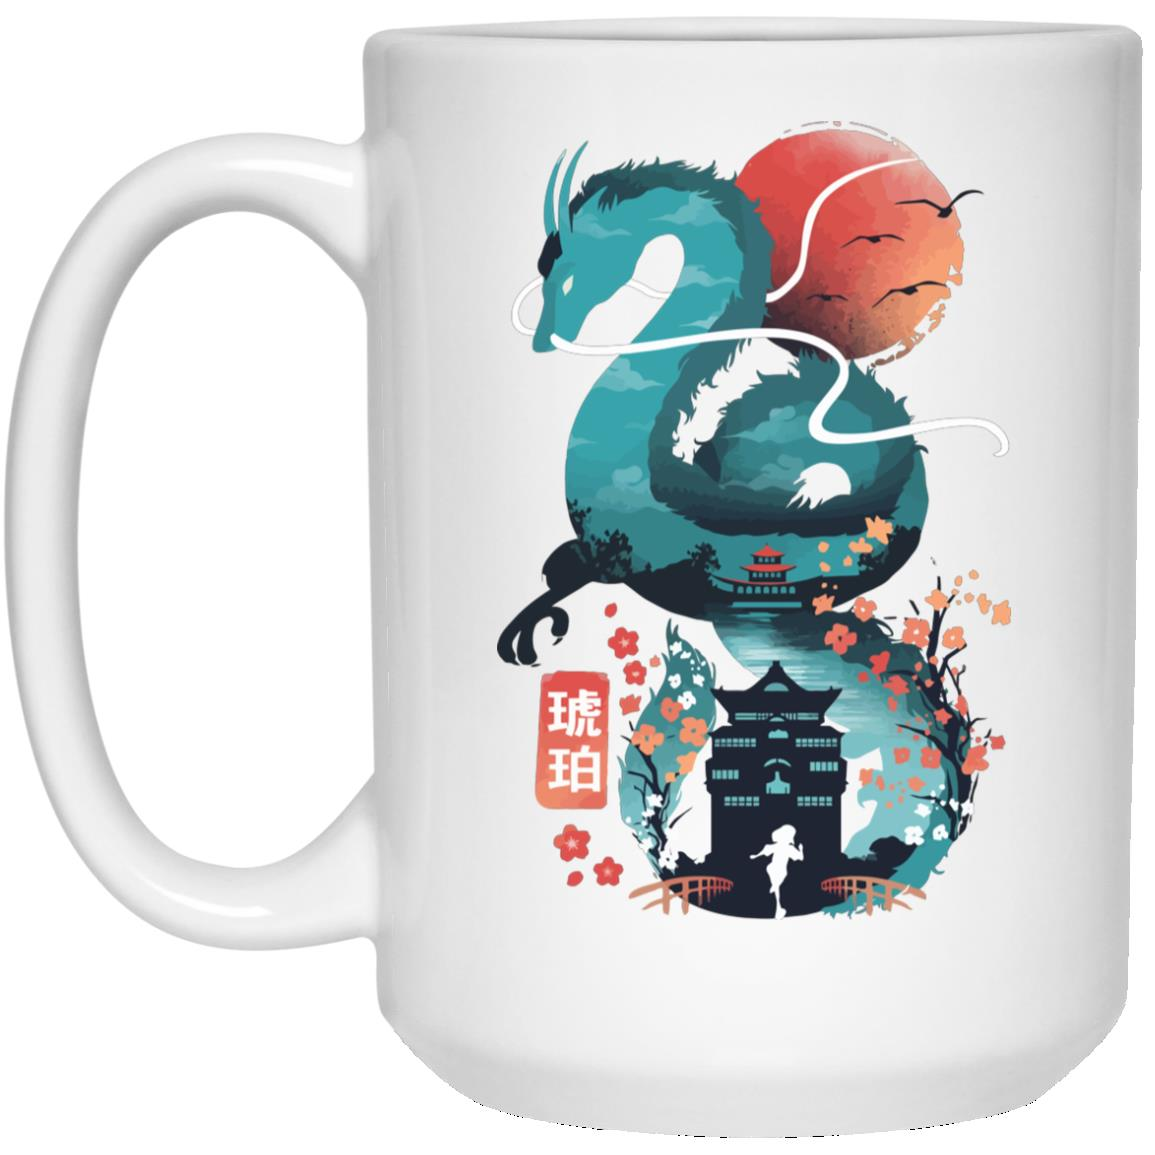 Spirited Away – Haku Dragon and The Bathhouse Classic Mug